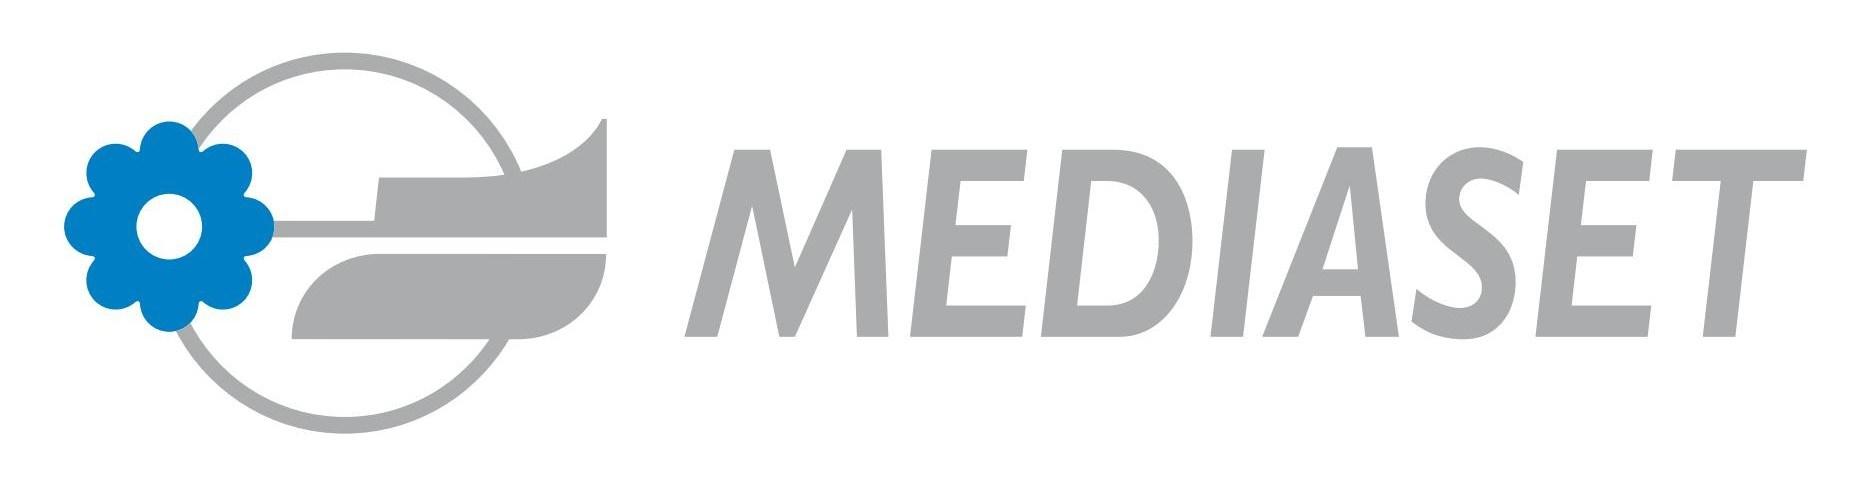 Mediaset Logo [EPS File]